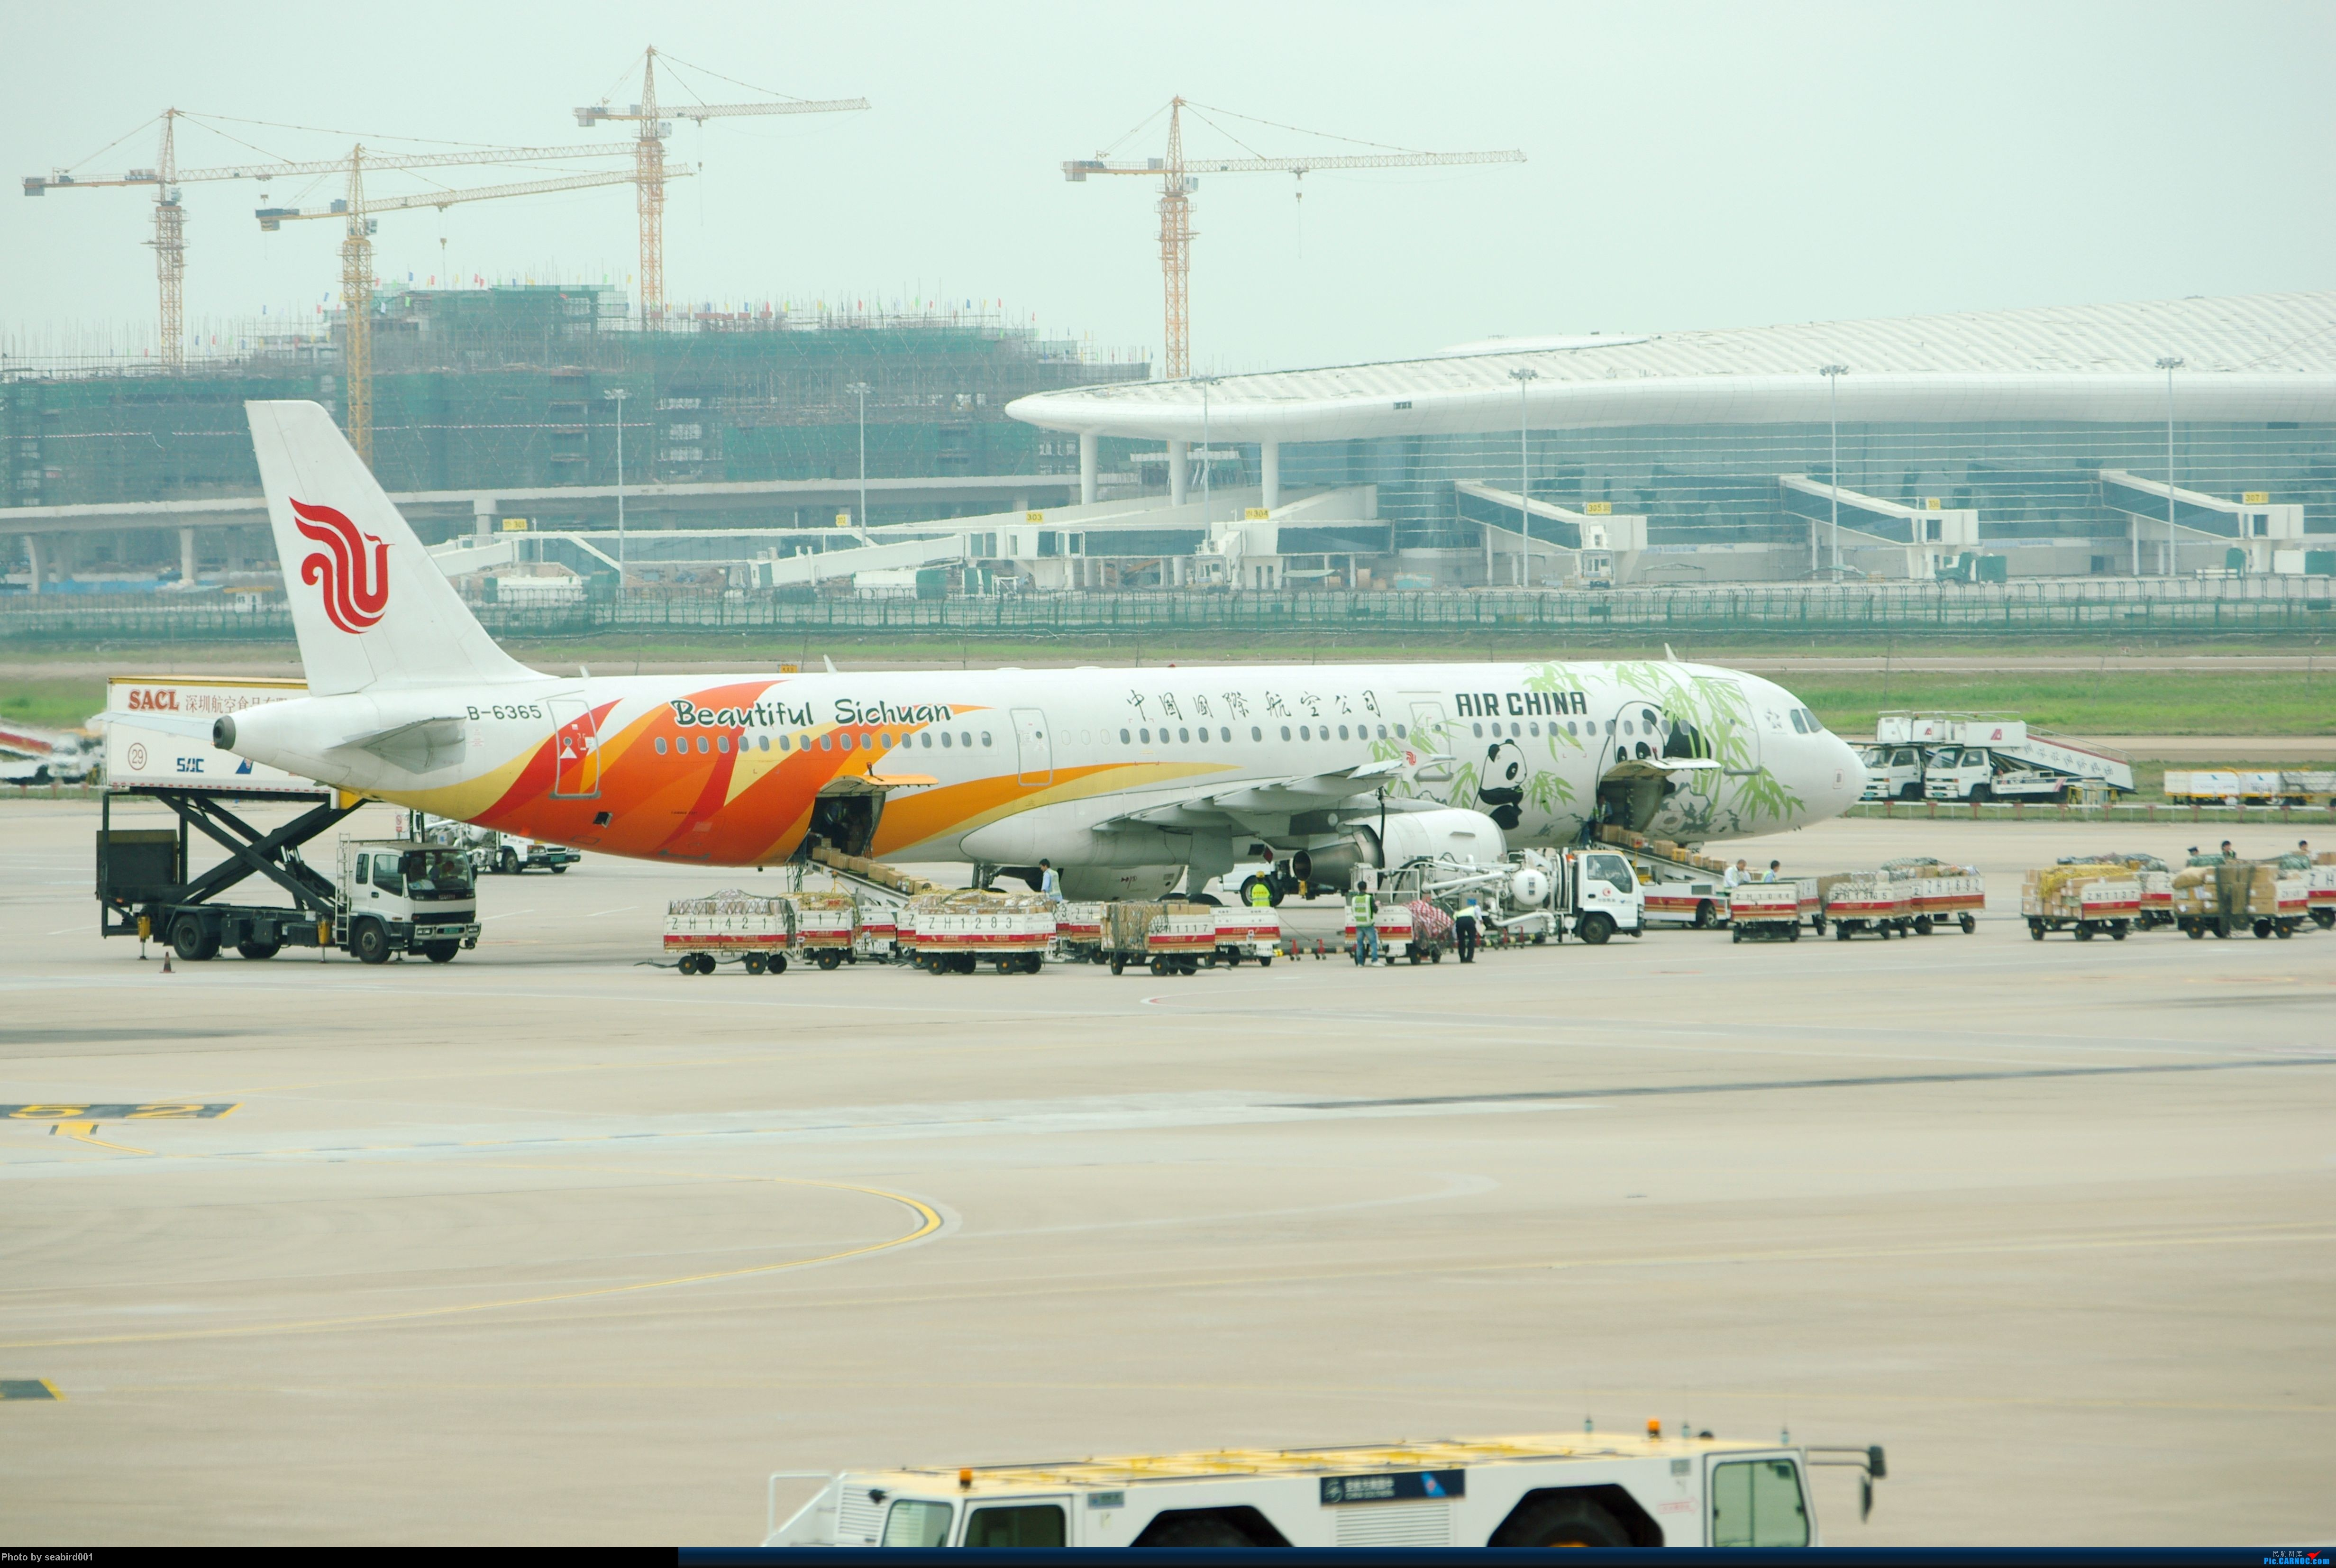 Re:[原创](深圳飞友会)12月29日飞成都前抓到的,有正合时宜的熊猫机,深圳星星,云南孔雀。 AIRBUS A321-200 B-6365 中国深圳宝安机场